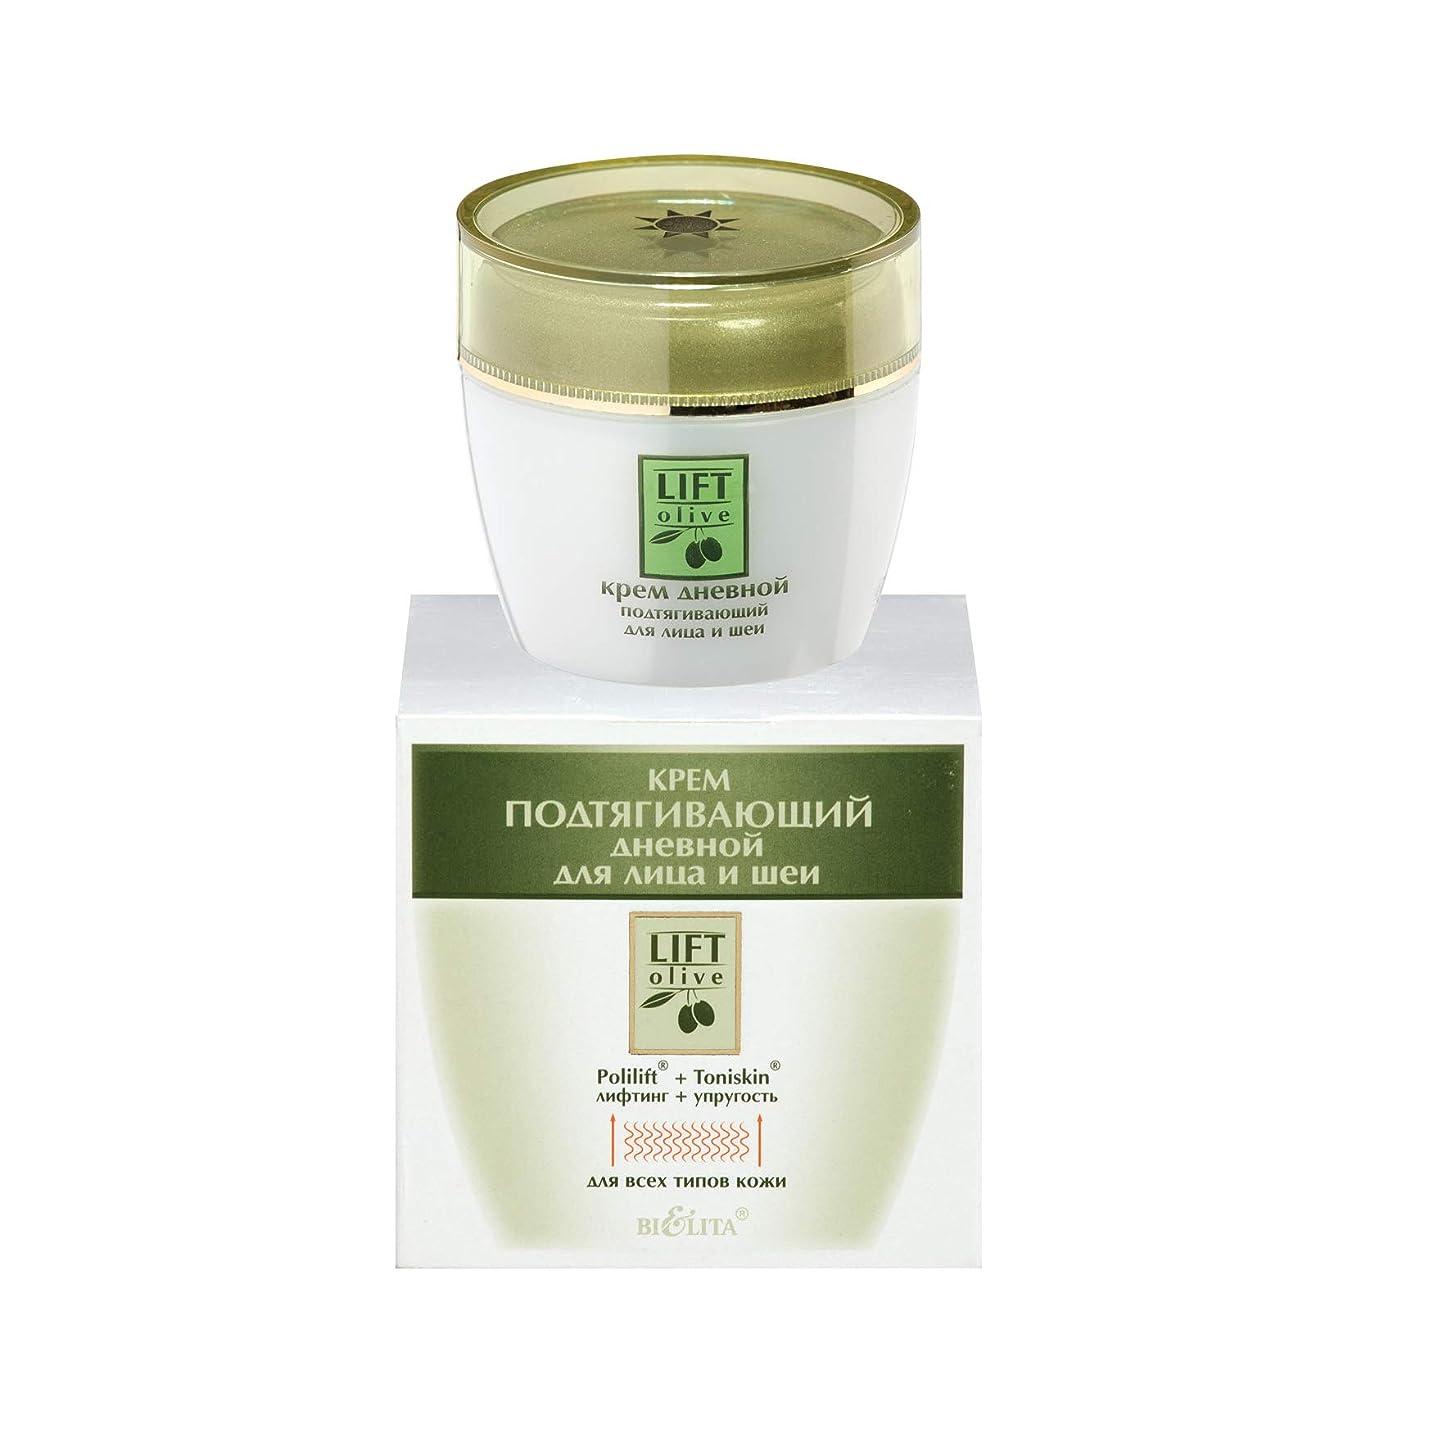 老朽化した何ドラゴンBielita & Vitex Lift Olive Line | Lifting Face & Neck Day Cream 30+ for All Skin Types, 50 ml | Olive Oil, Collagen, Elastin, Vitamins A and E